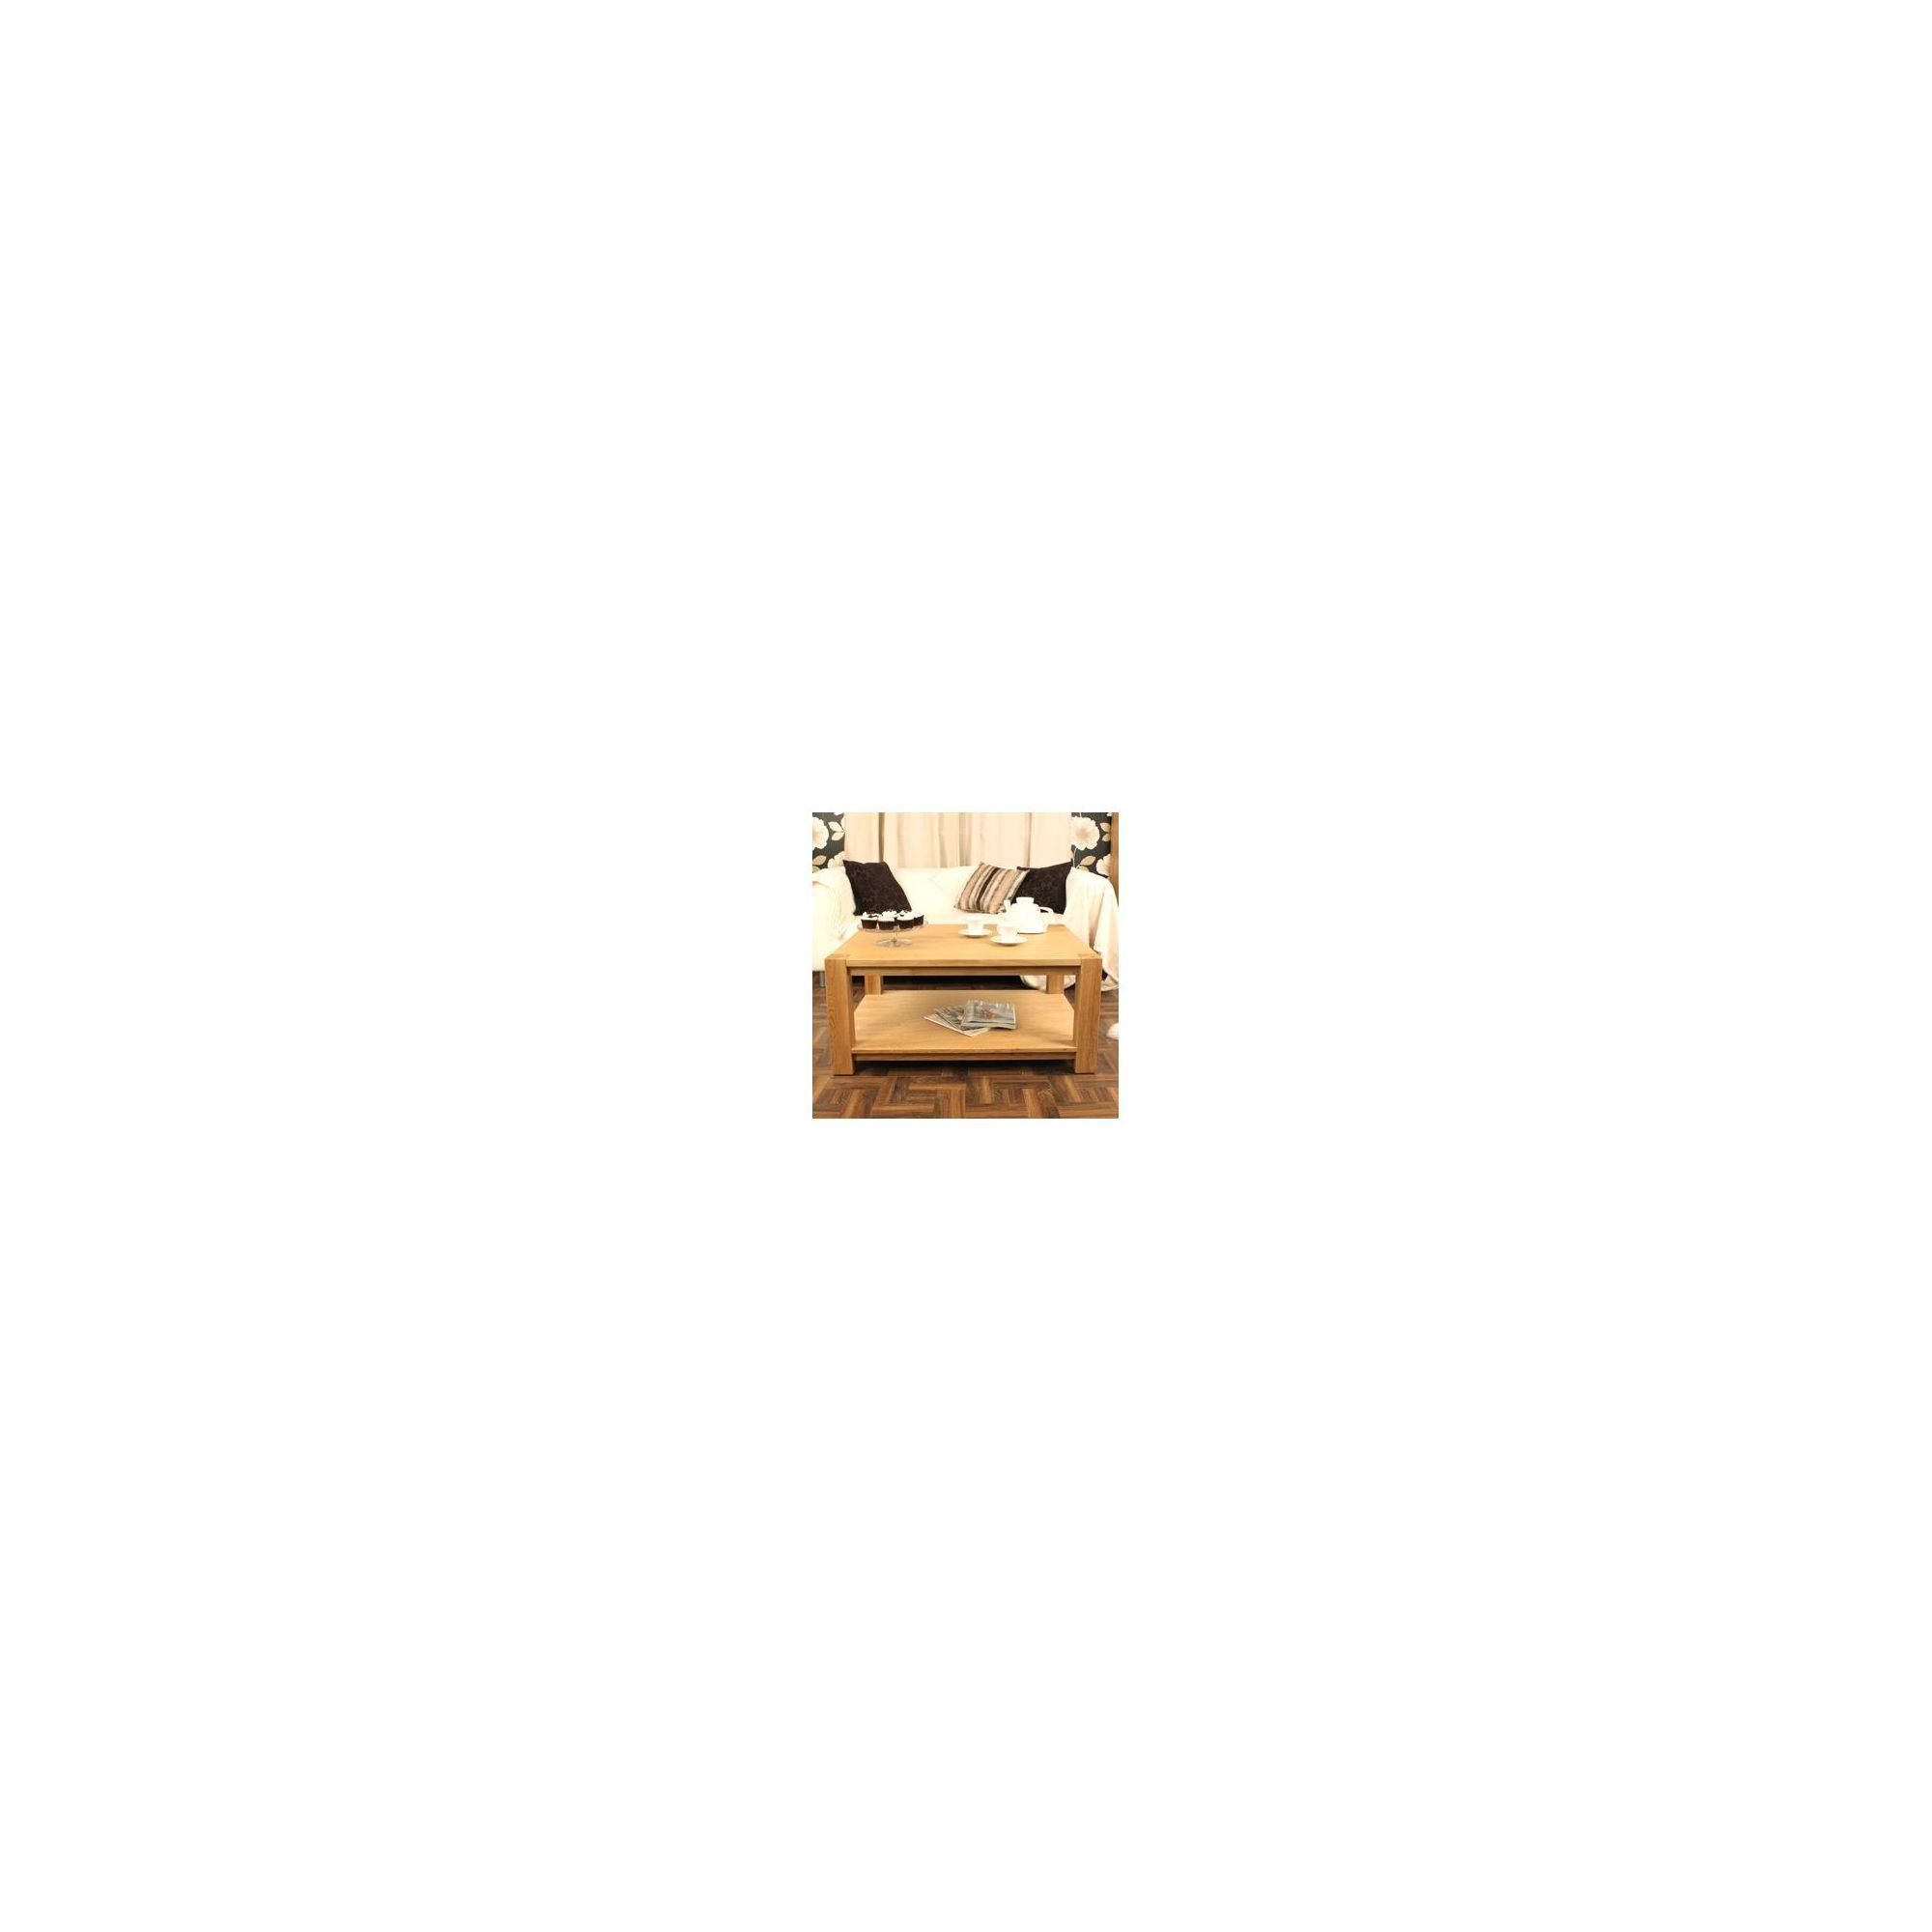 baumhaus aston oak large coffee table baumhaus aston oak coffee table